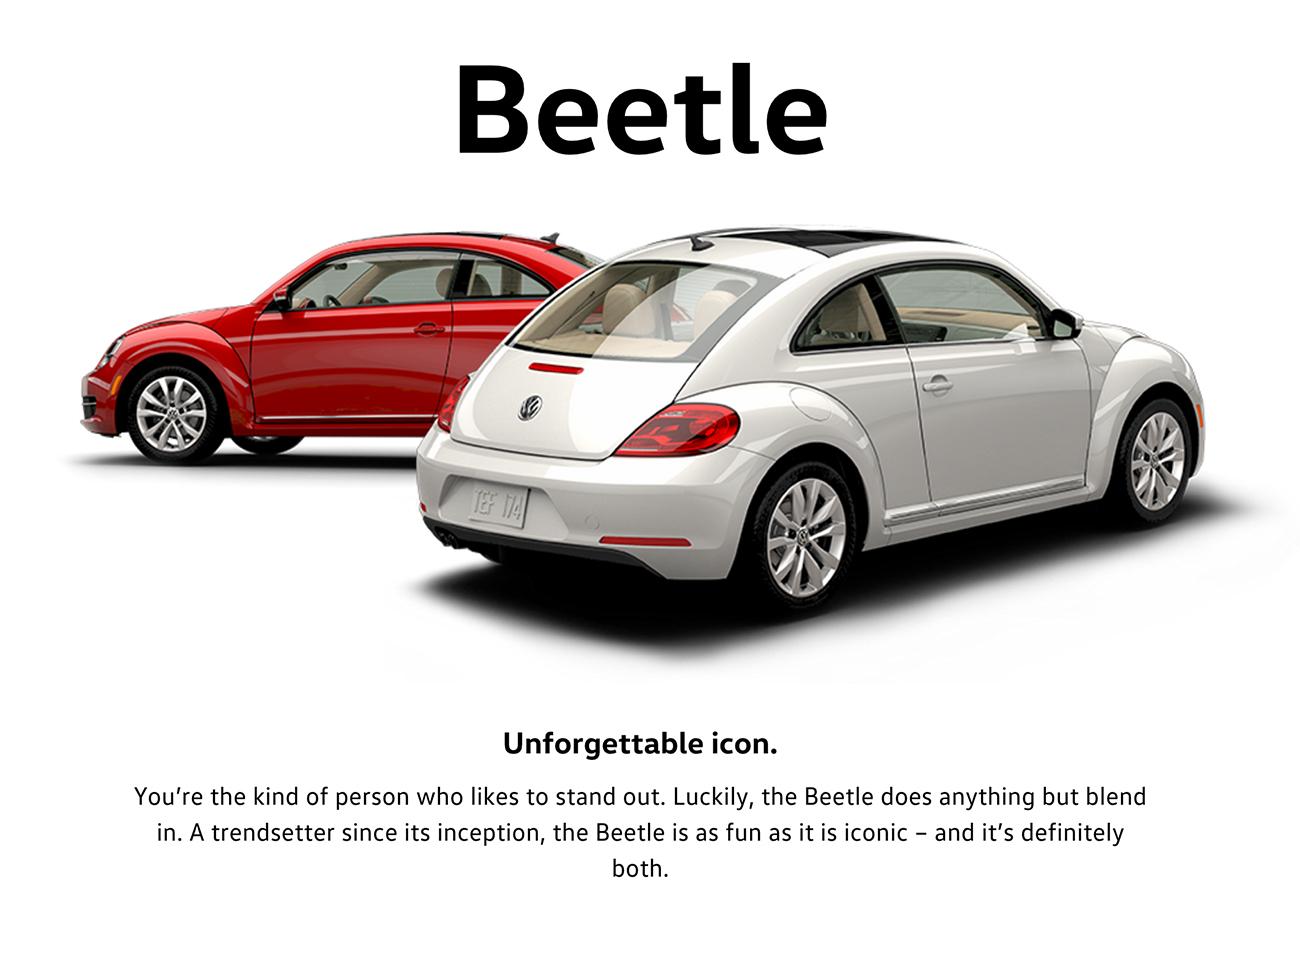 2016 Beetle Brantford Volkswagen